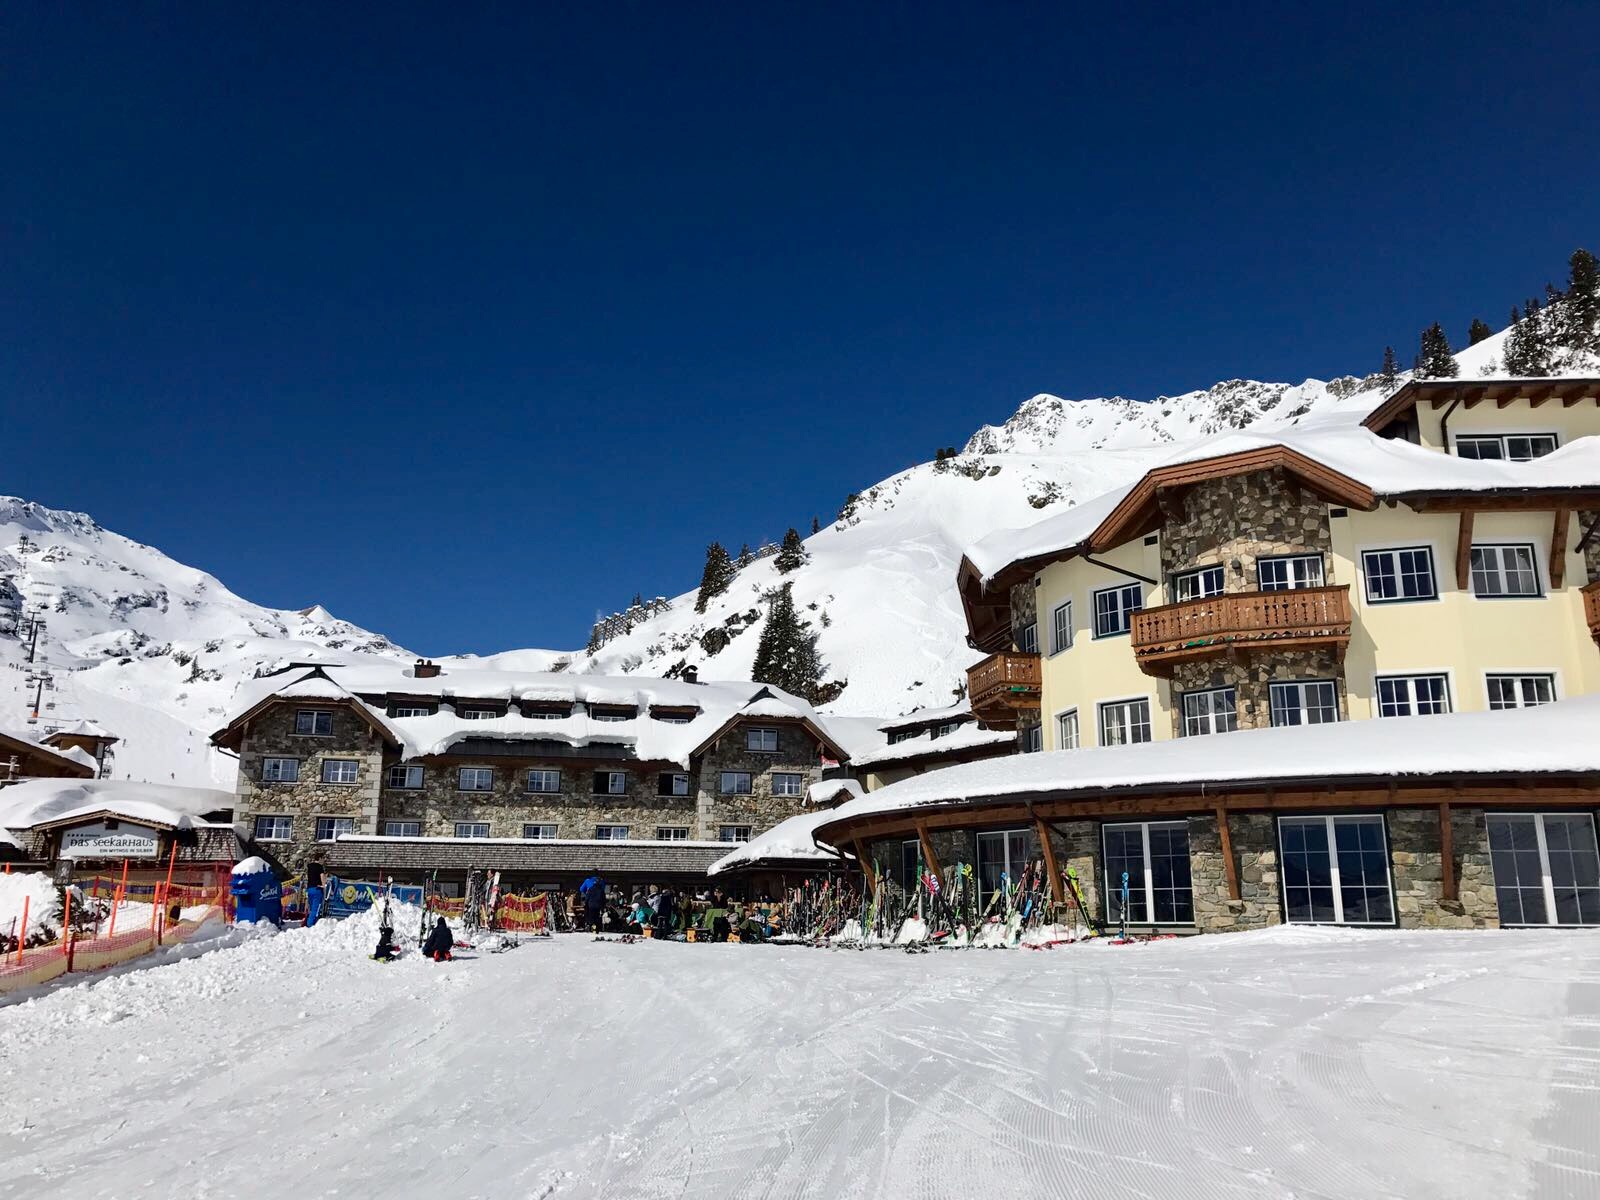 Das Hotel Das Seekarhaus – das ideale Familienhotel direkt an der Skipiste im schneesicheren Obertauern